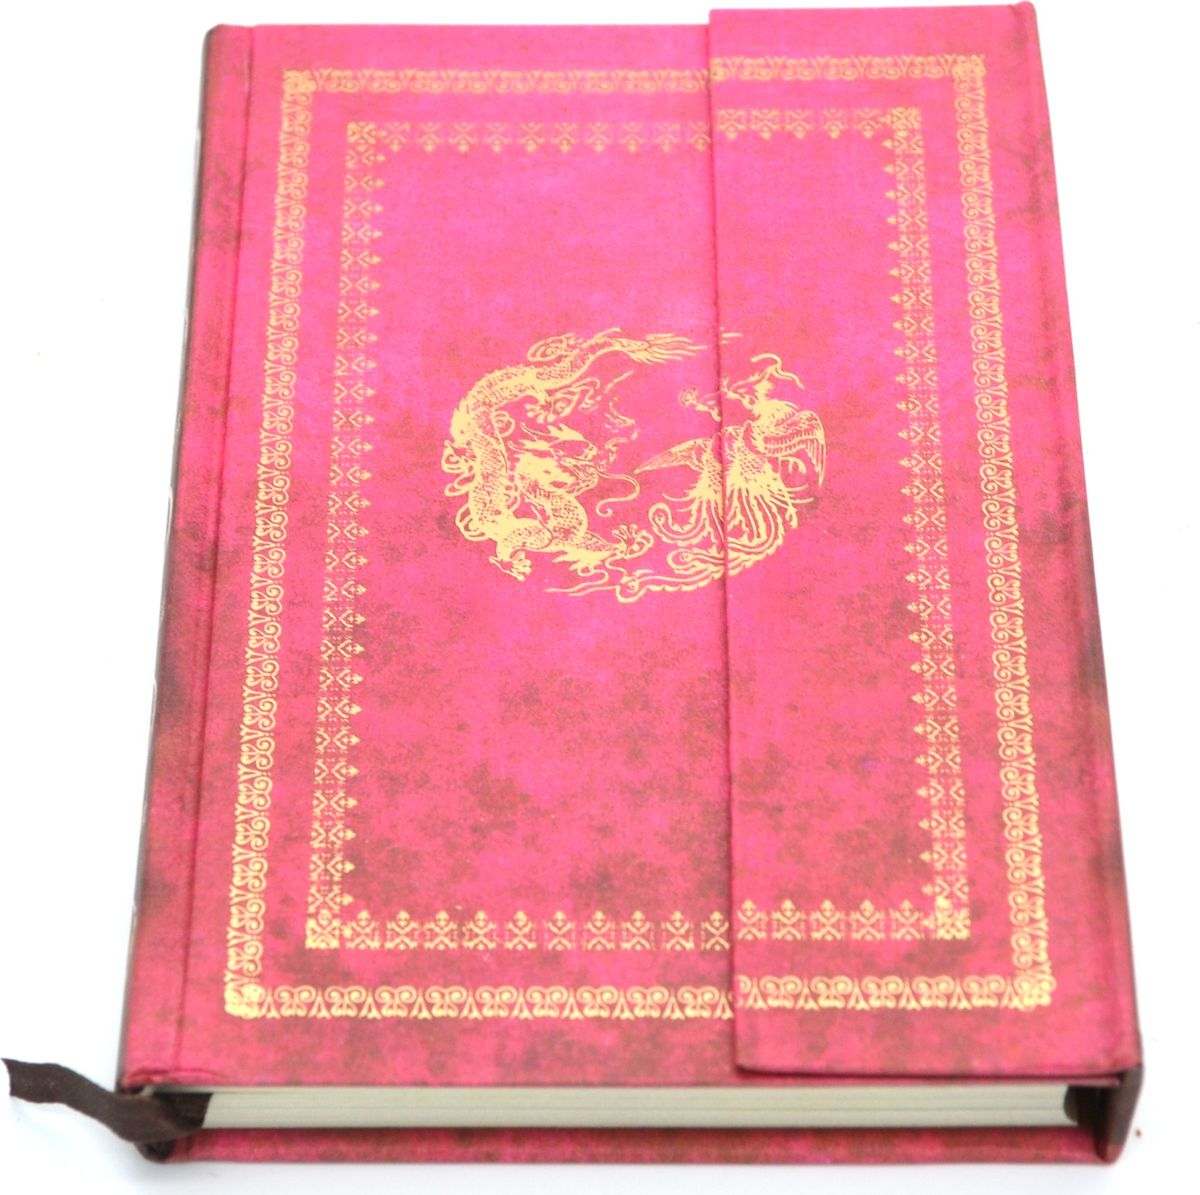 Карамба Блокнот на магните 98 листов цвет розовый753769Стильный блокнот Карамба с жесткой обложкой - незаменимый атрибут современного человека, необходимый для рабочих и повседневных записей в офисе и дома. Магнитная застежка. 98 цветных листов с нежным рисунком.